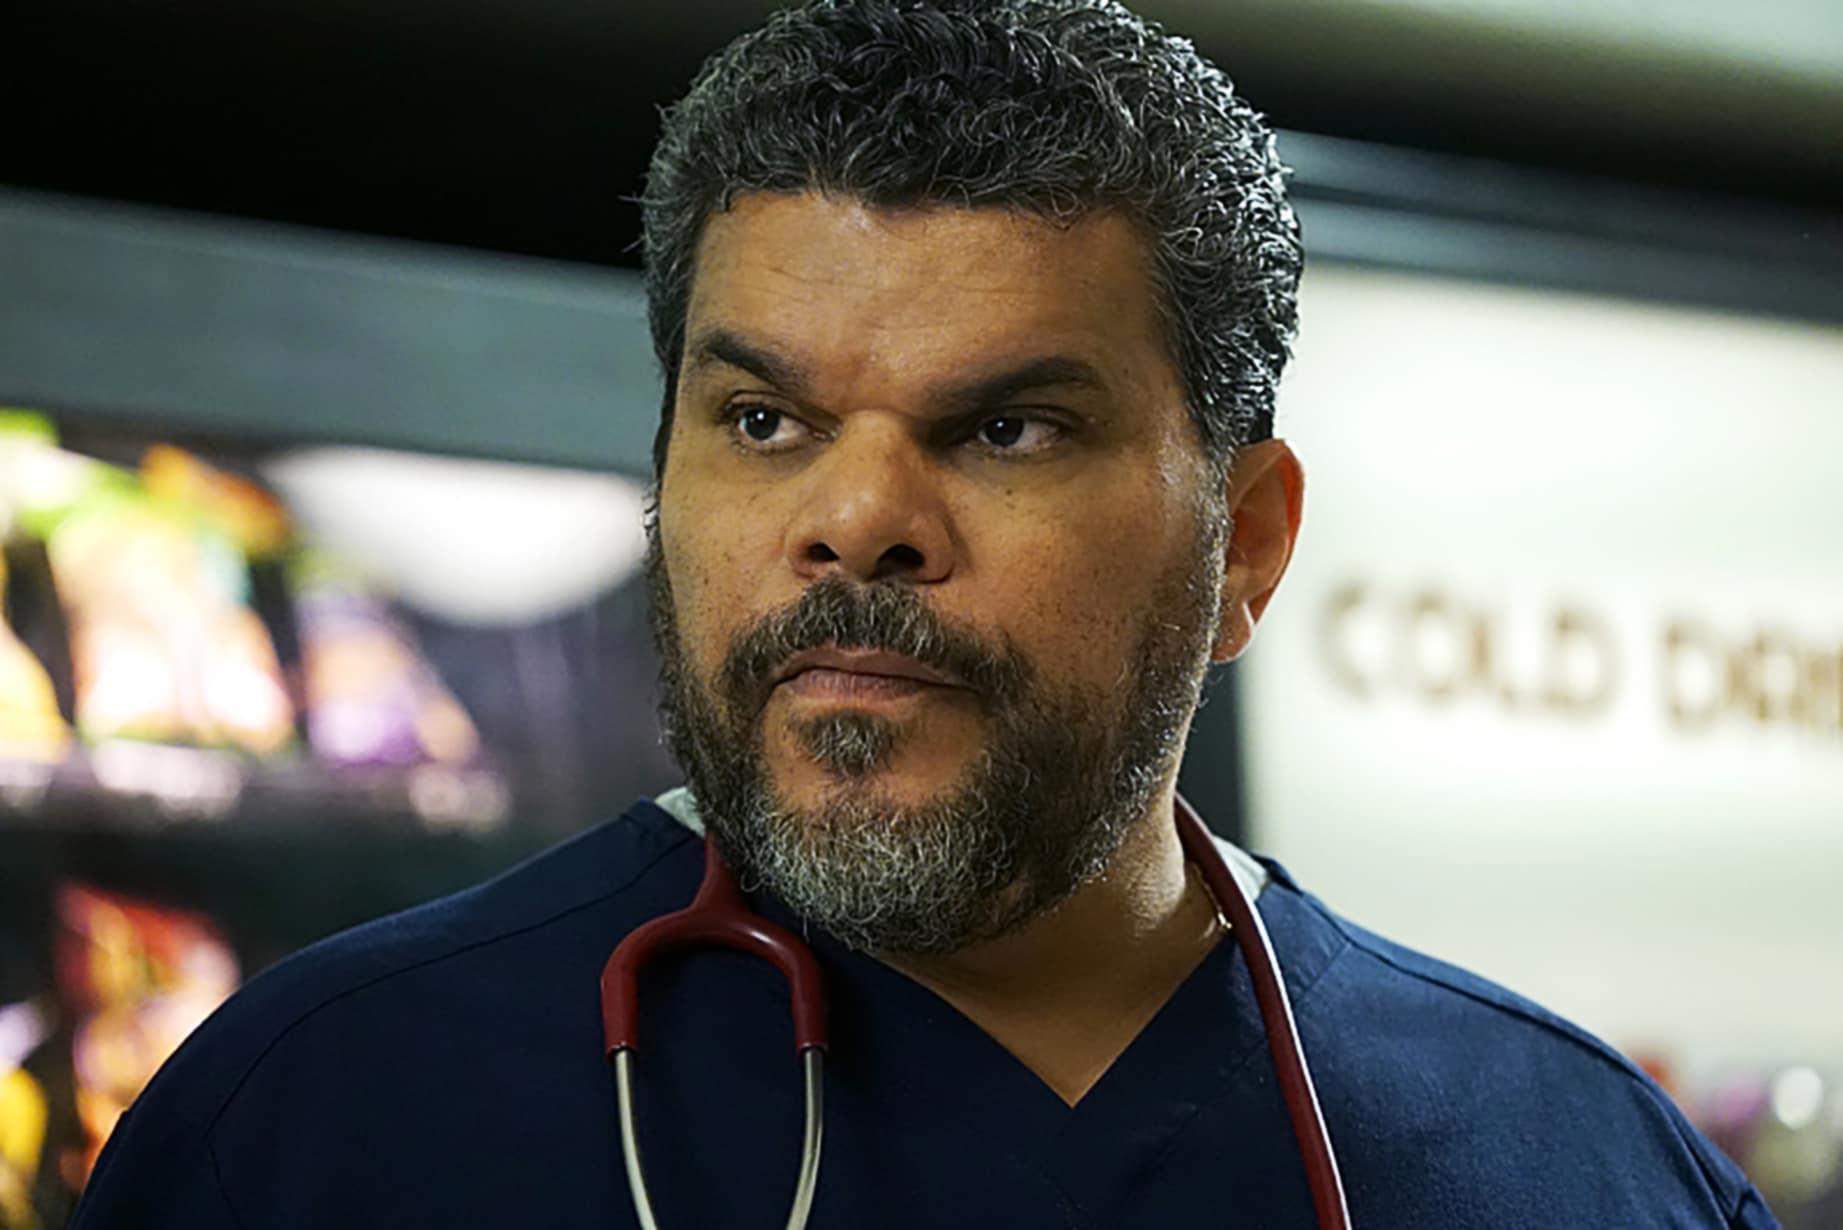 CODE BLACK, Luis Guzman in 'Pre-Existing Conditions'